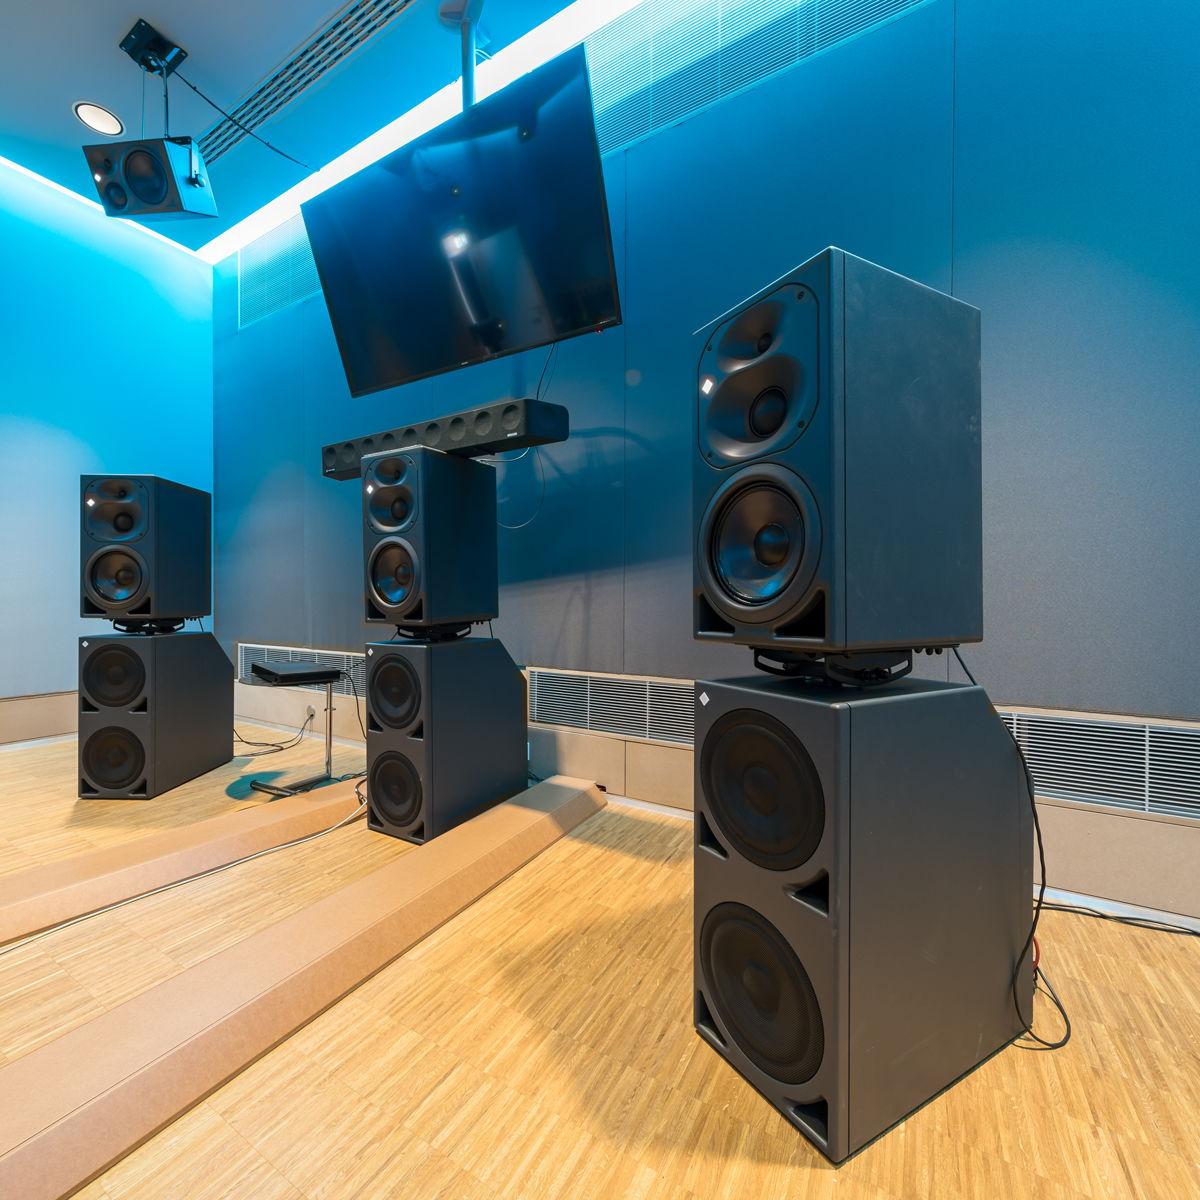 Auf Ohrhöhe finden in der 3D-Regie u. a. drei Neumann KH 420 Tri-Amp-Midfield-Studiomonitore (L/C/R) Verwendung. Den Bassbereich (.1) reproduzieren drei leistungsstarke Neumann KH 870 Subwoofer